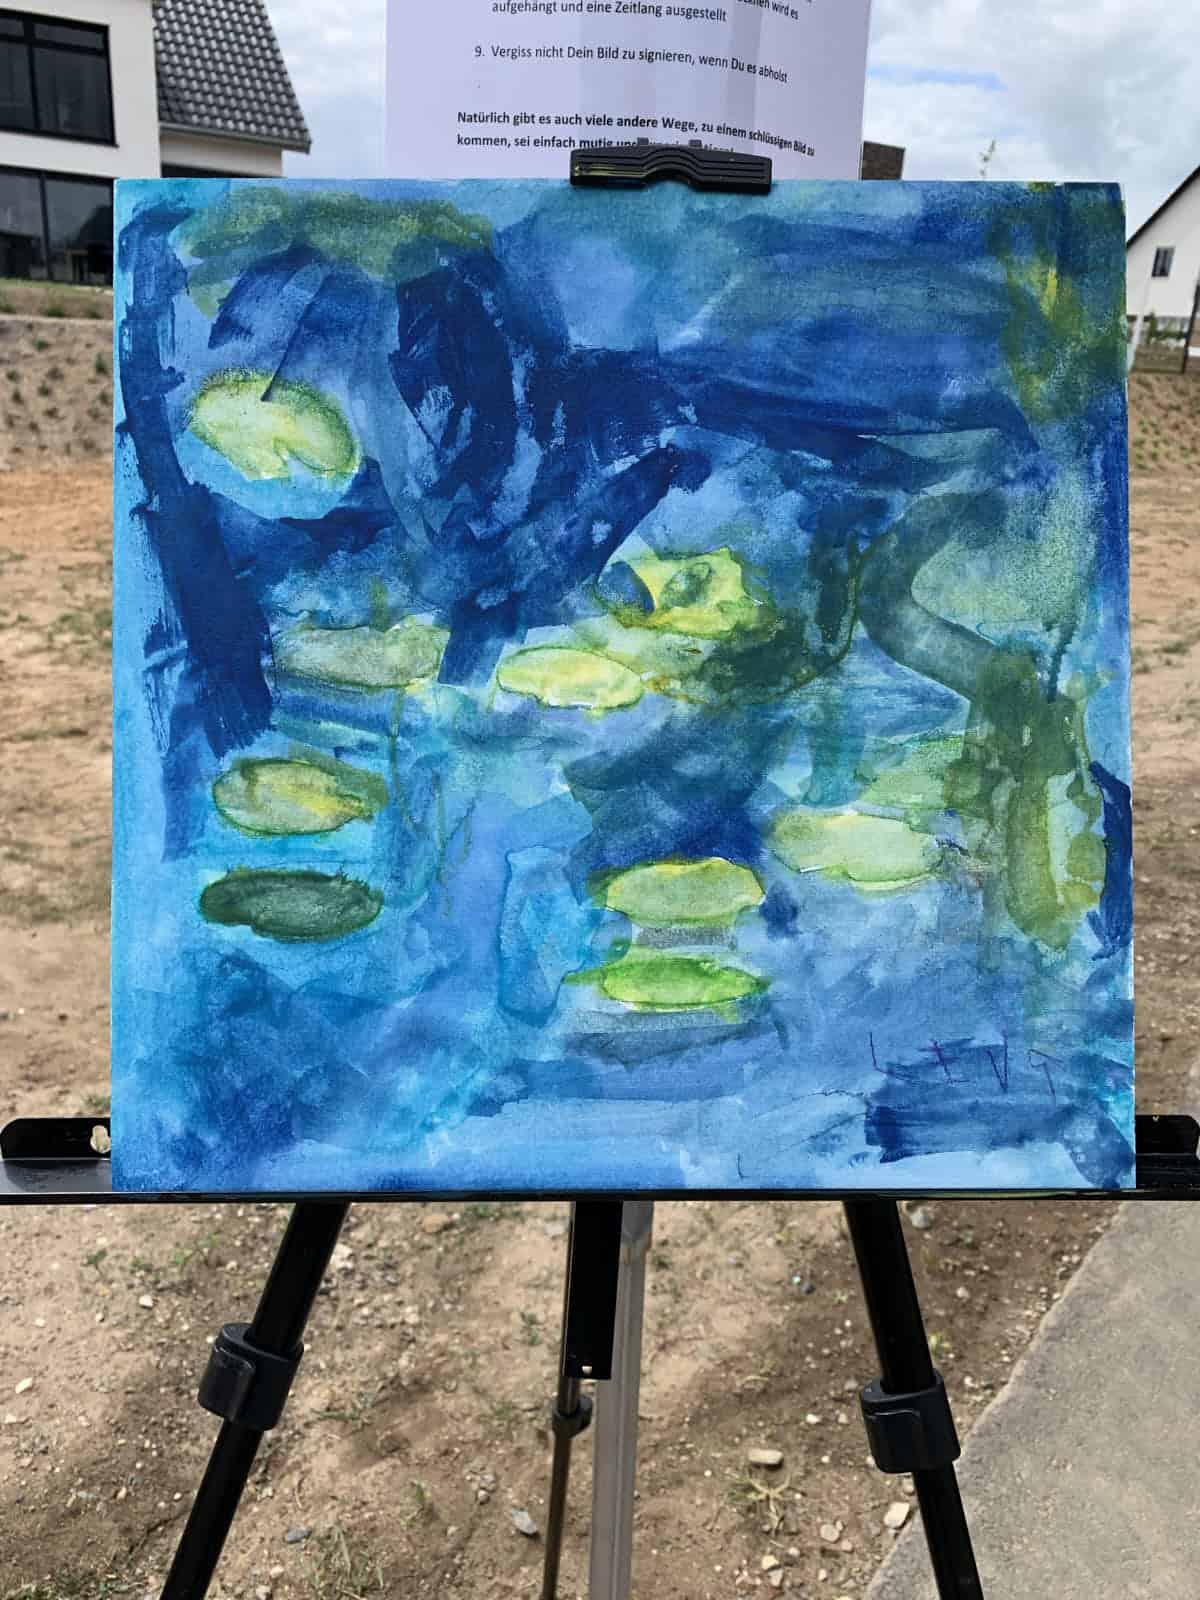 Partizipation mit Kunst